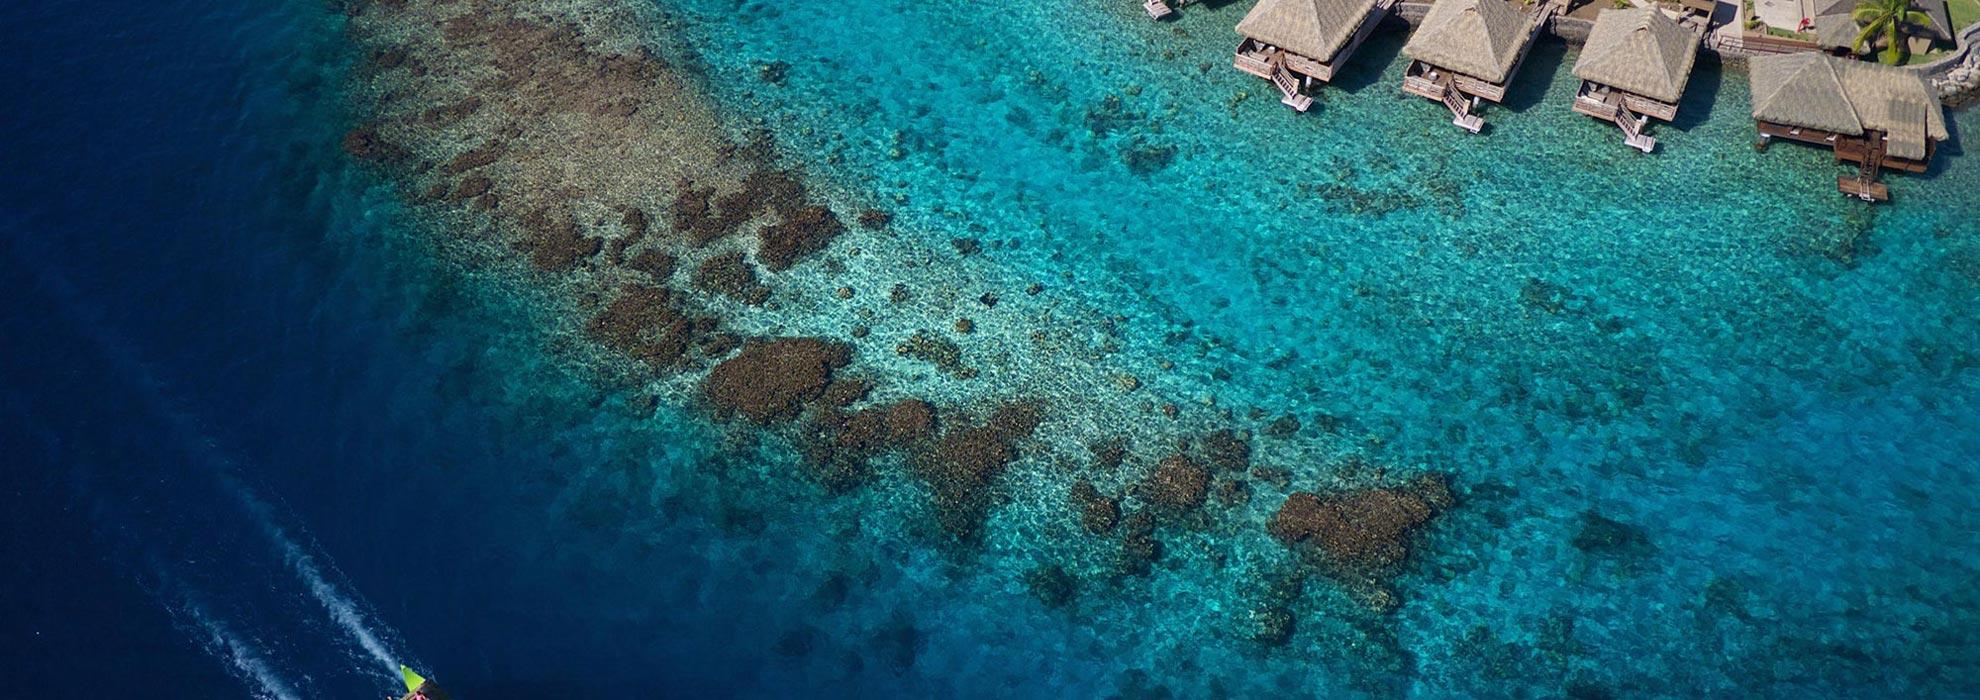 Sécurité des hotels à Tahiti